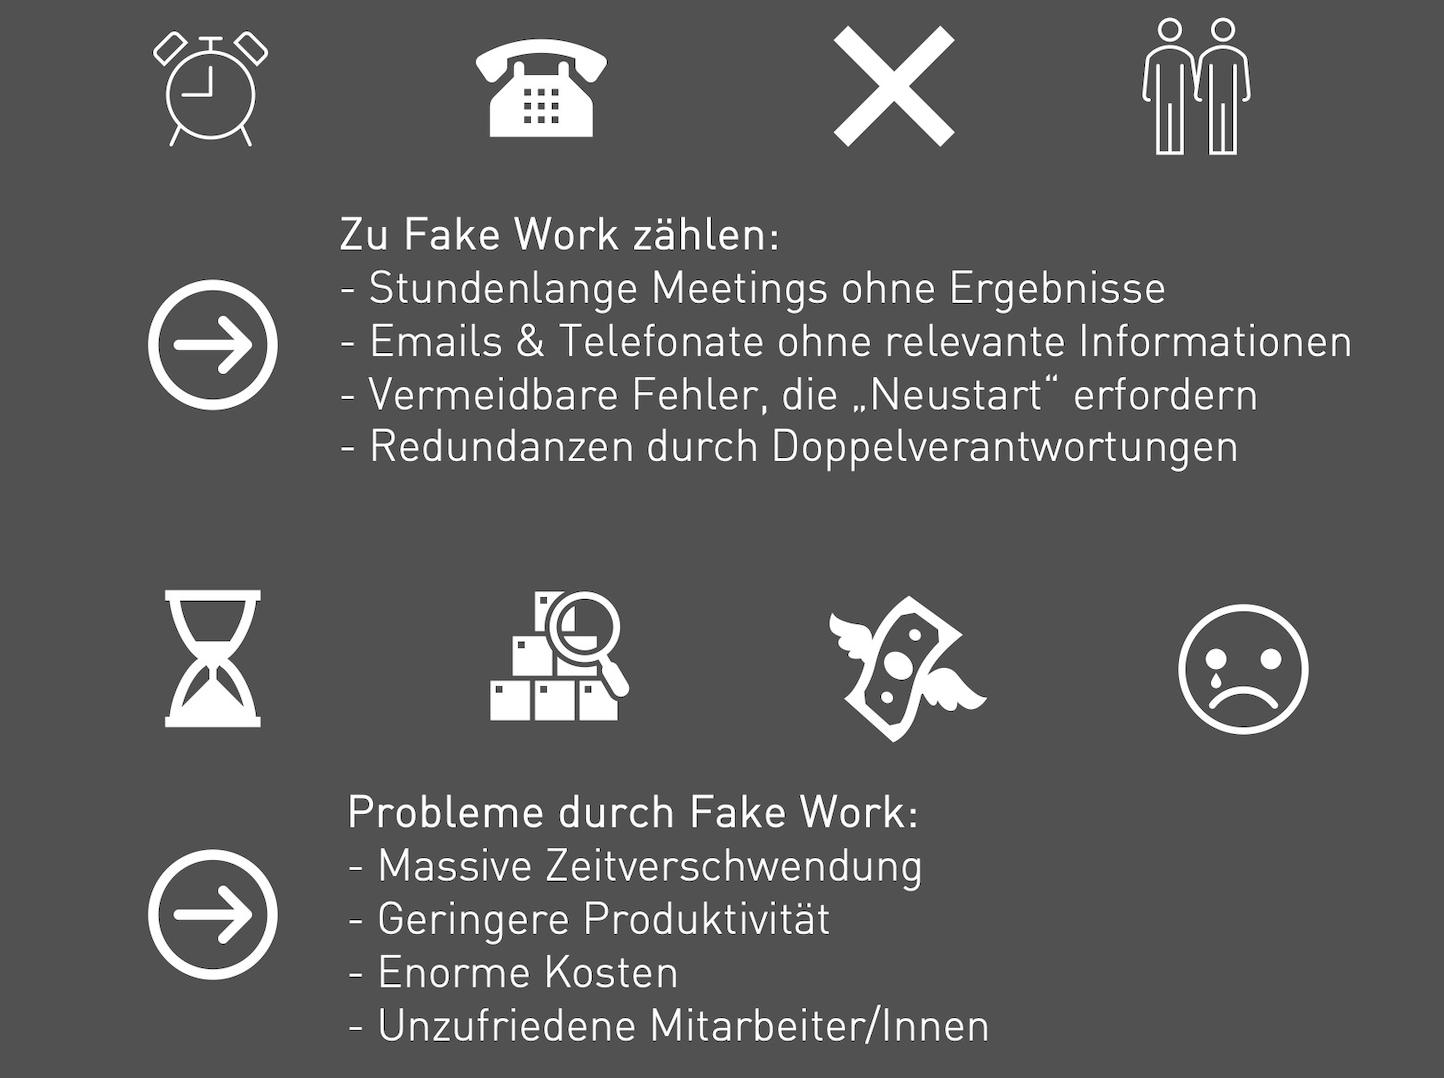 Fake Work 1